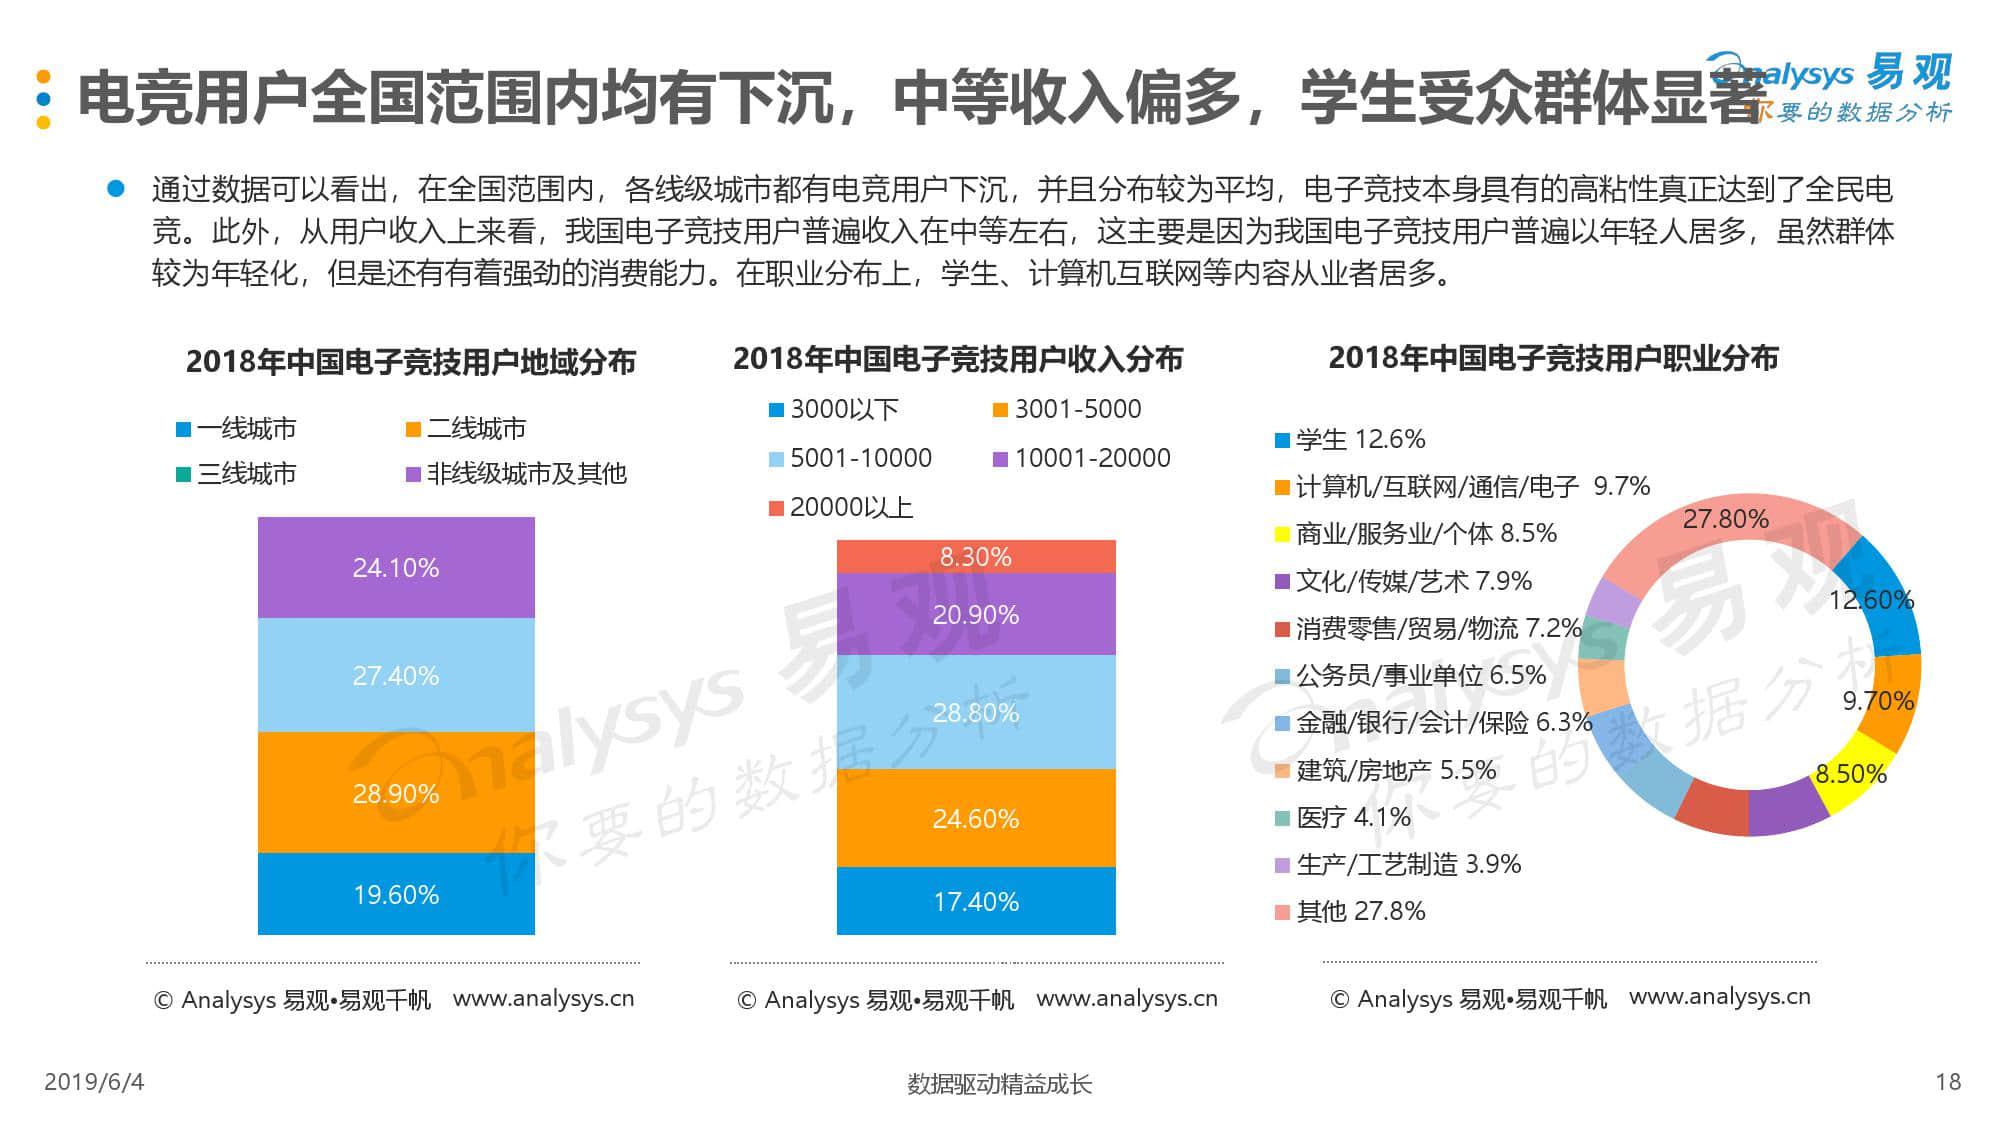 易观:2019中国电子竞技用户综合分析(199it)